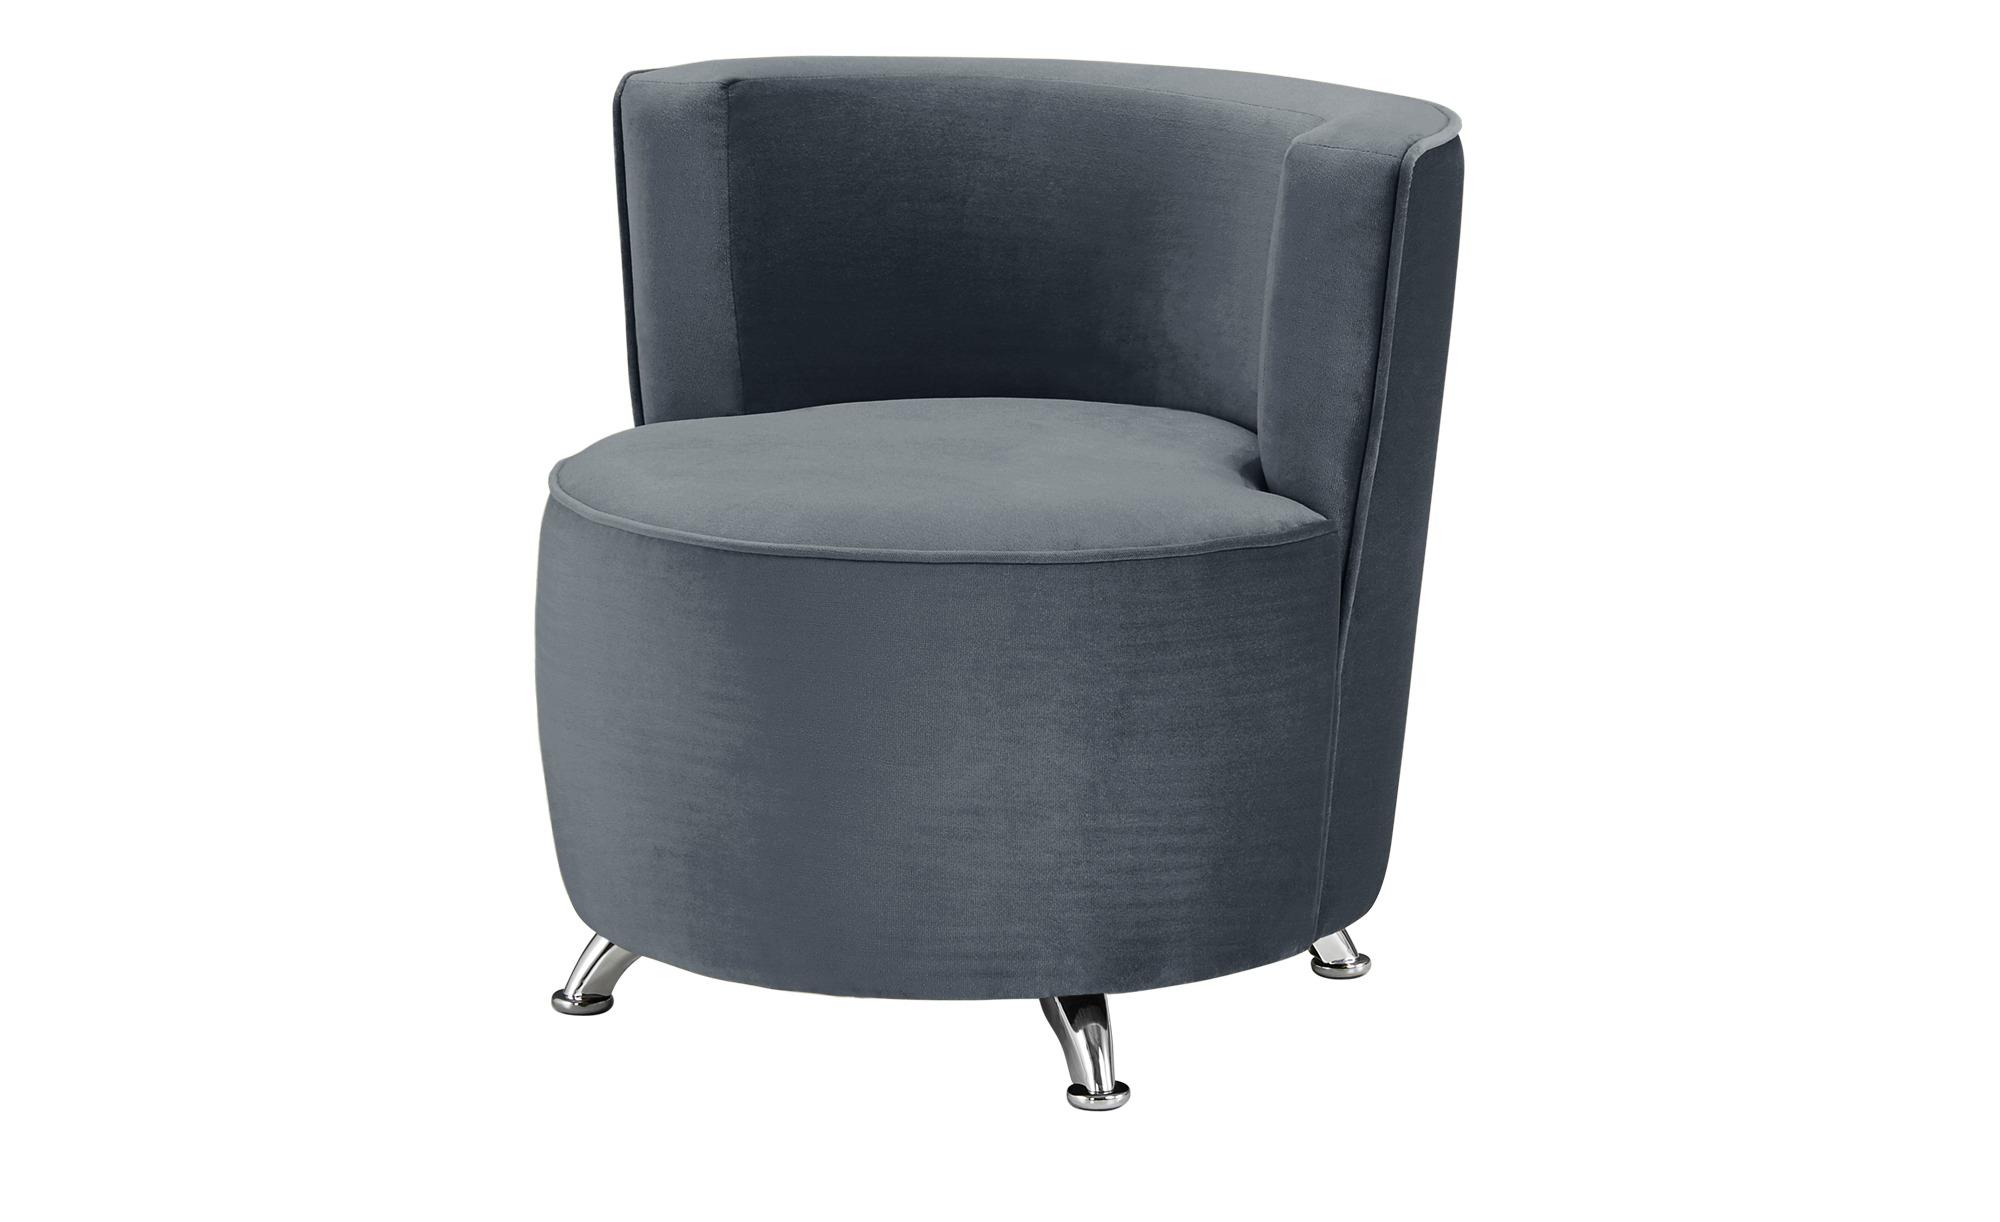 smart Sessel grau - Stoff Baby ¦ grau ¦ Maße (cm): B: 76 H: 71 T: 74 Polstermöbel > Sessel > Polstersessel - Höffner